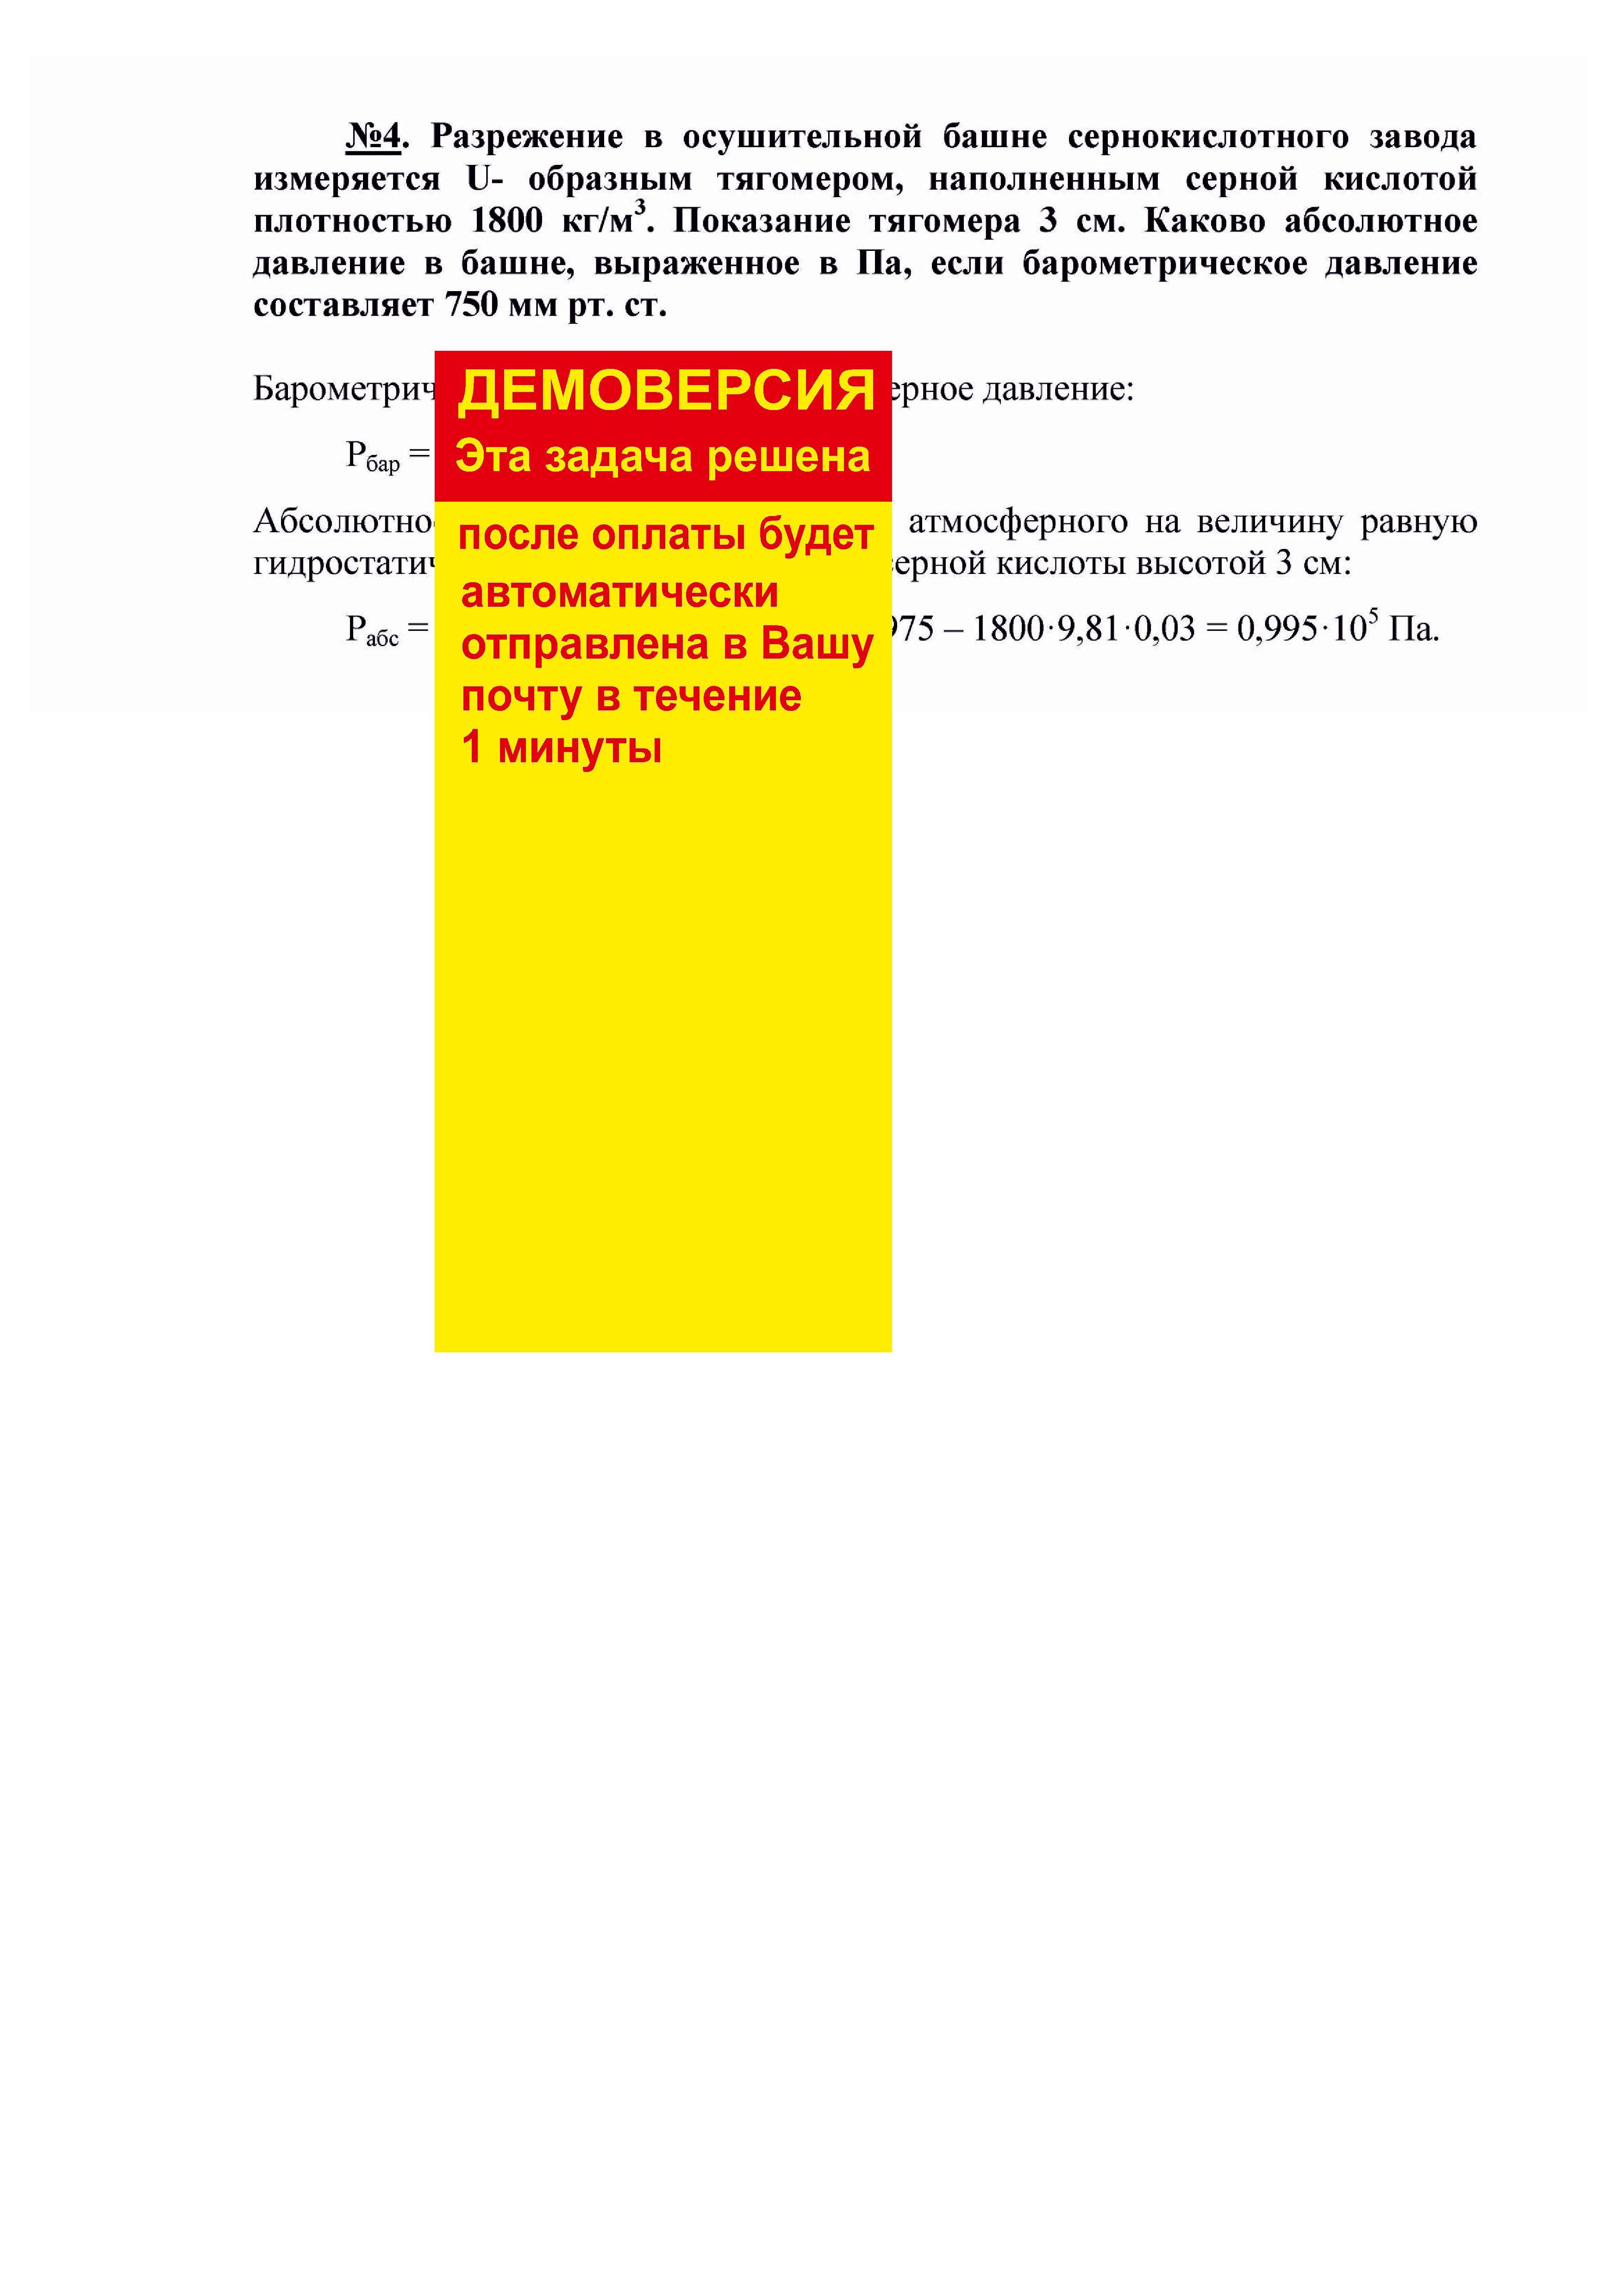 Решение задачи 1.4 по ПАХТ из задачника Павлова Романкова Носкова